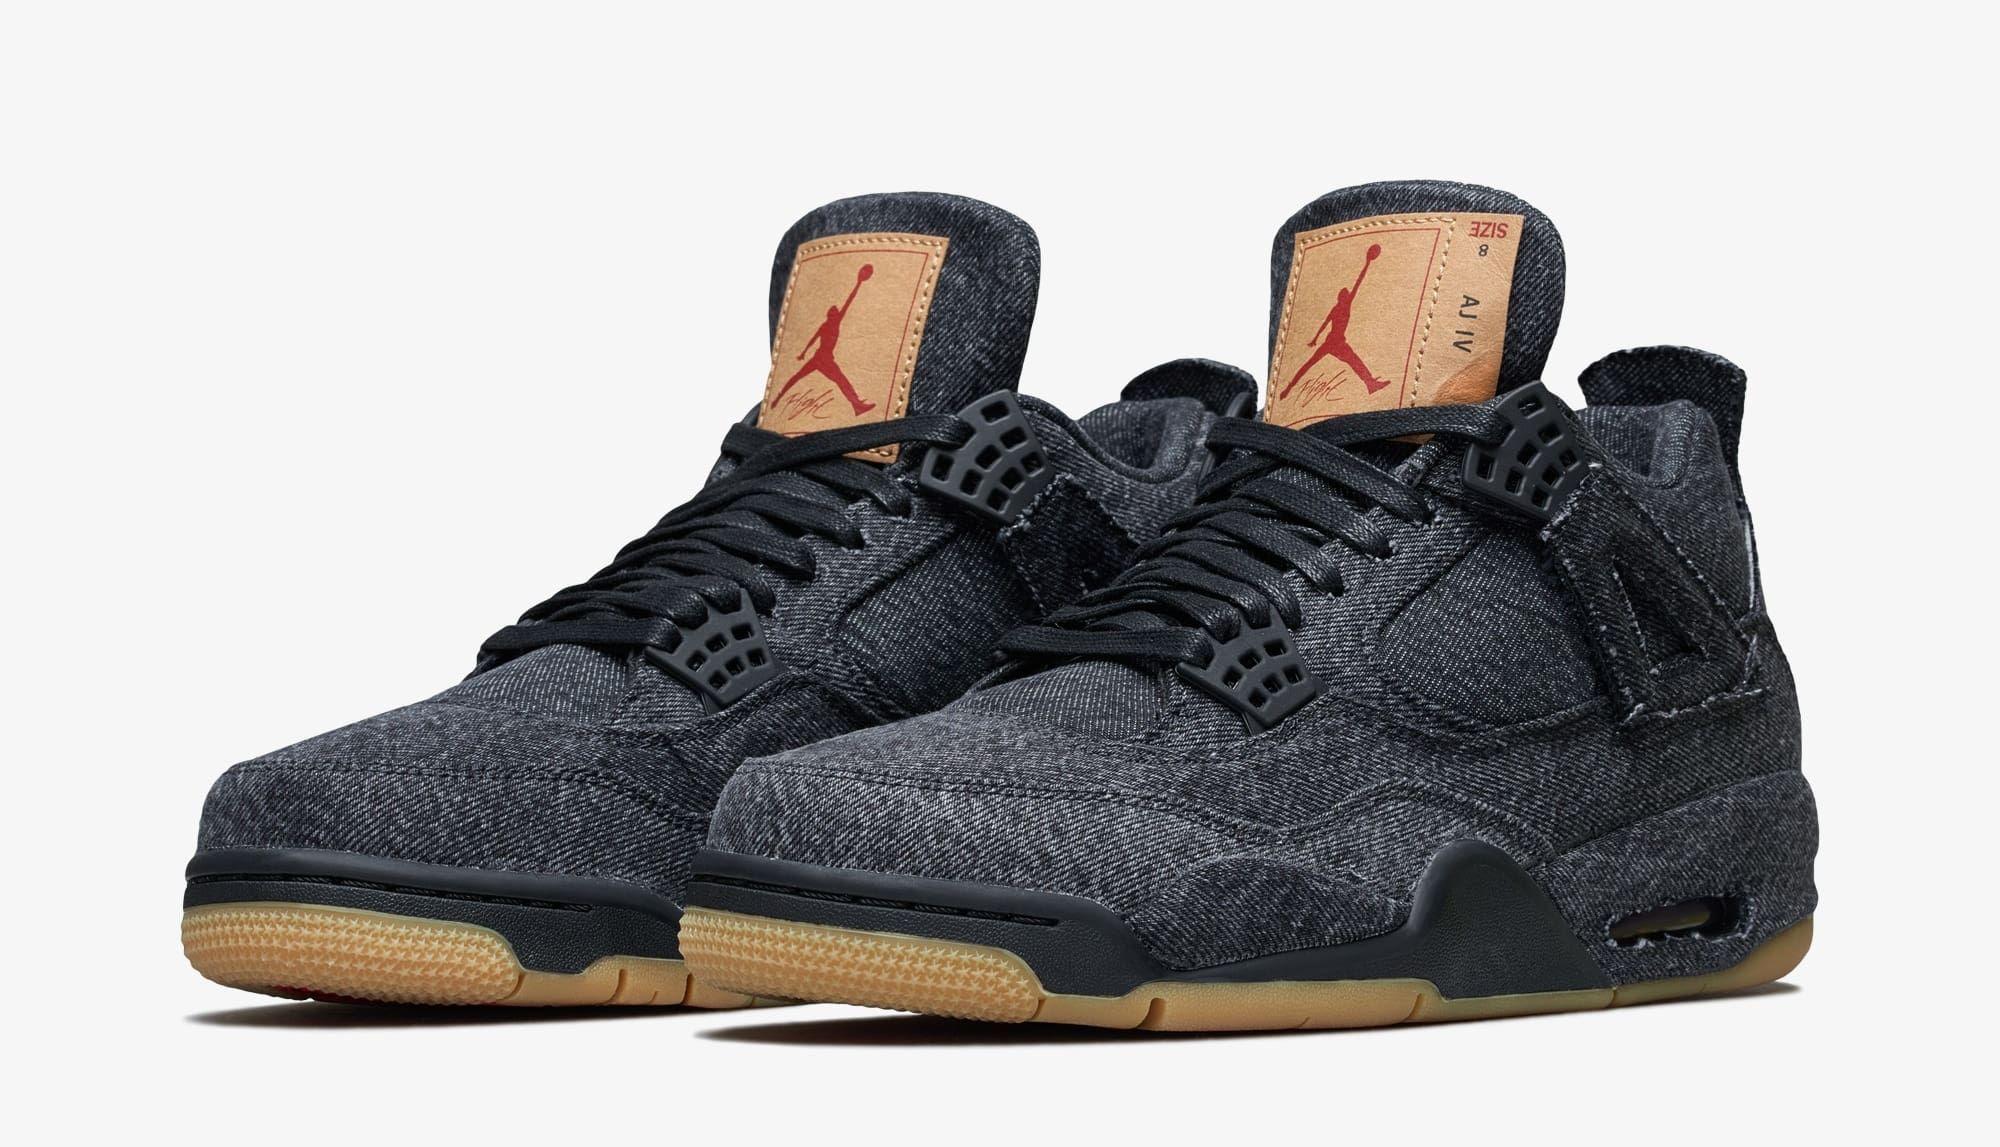 50adb36a629c65 Levi s x Air Jordan 4 Black Release Date AO2571-001